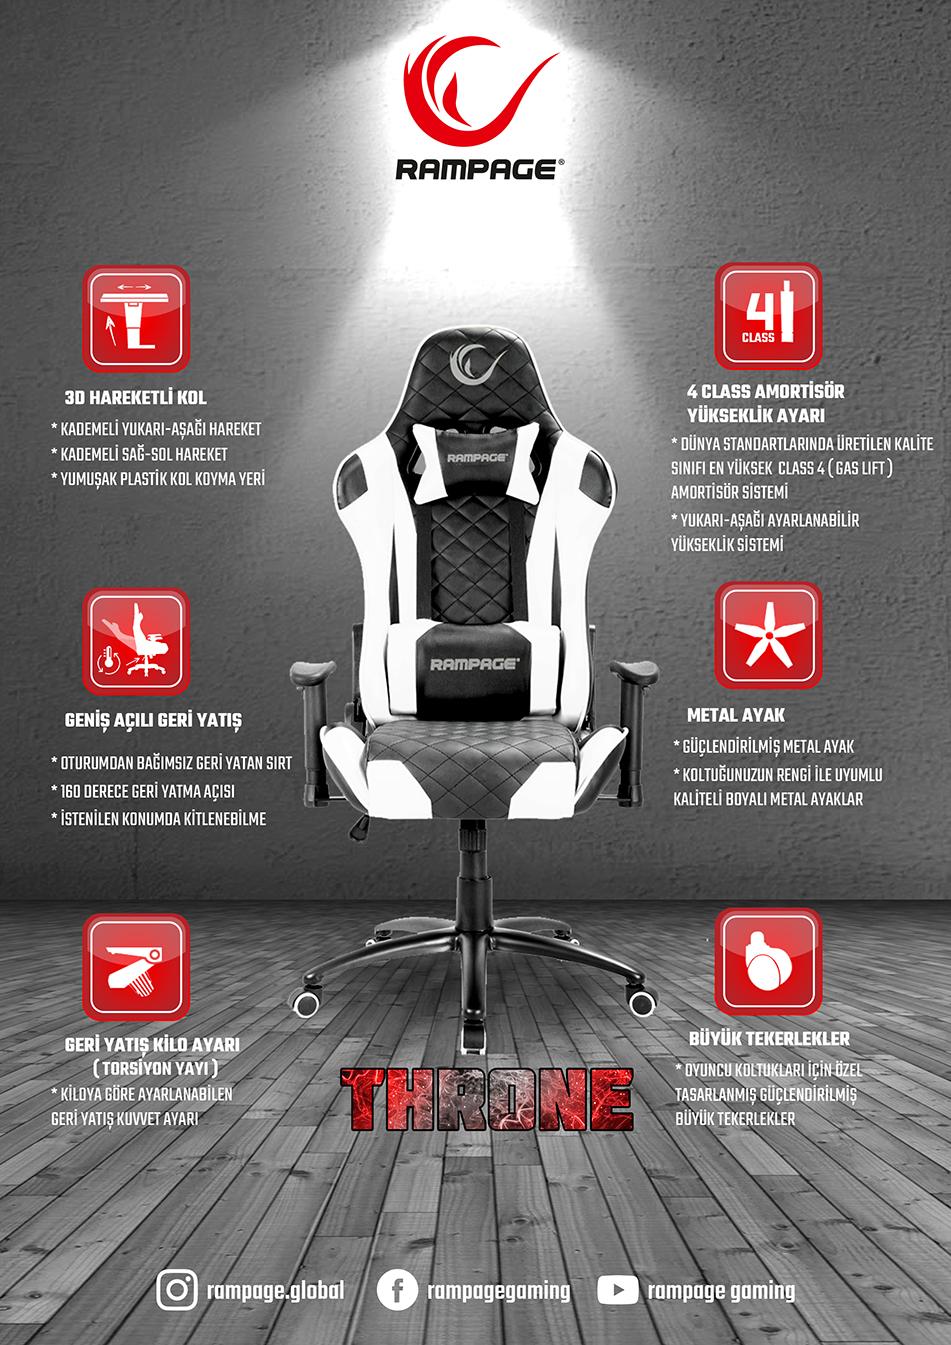 Rampage Kl R40 Throne Serisi Siyah Beyaz Oyuncu Koltugu Rampage